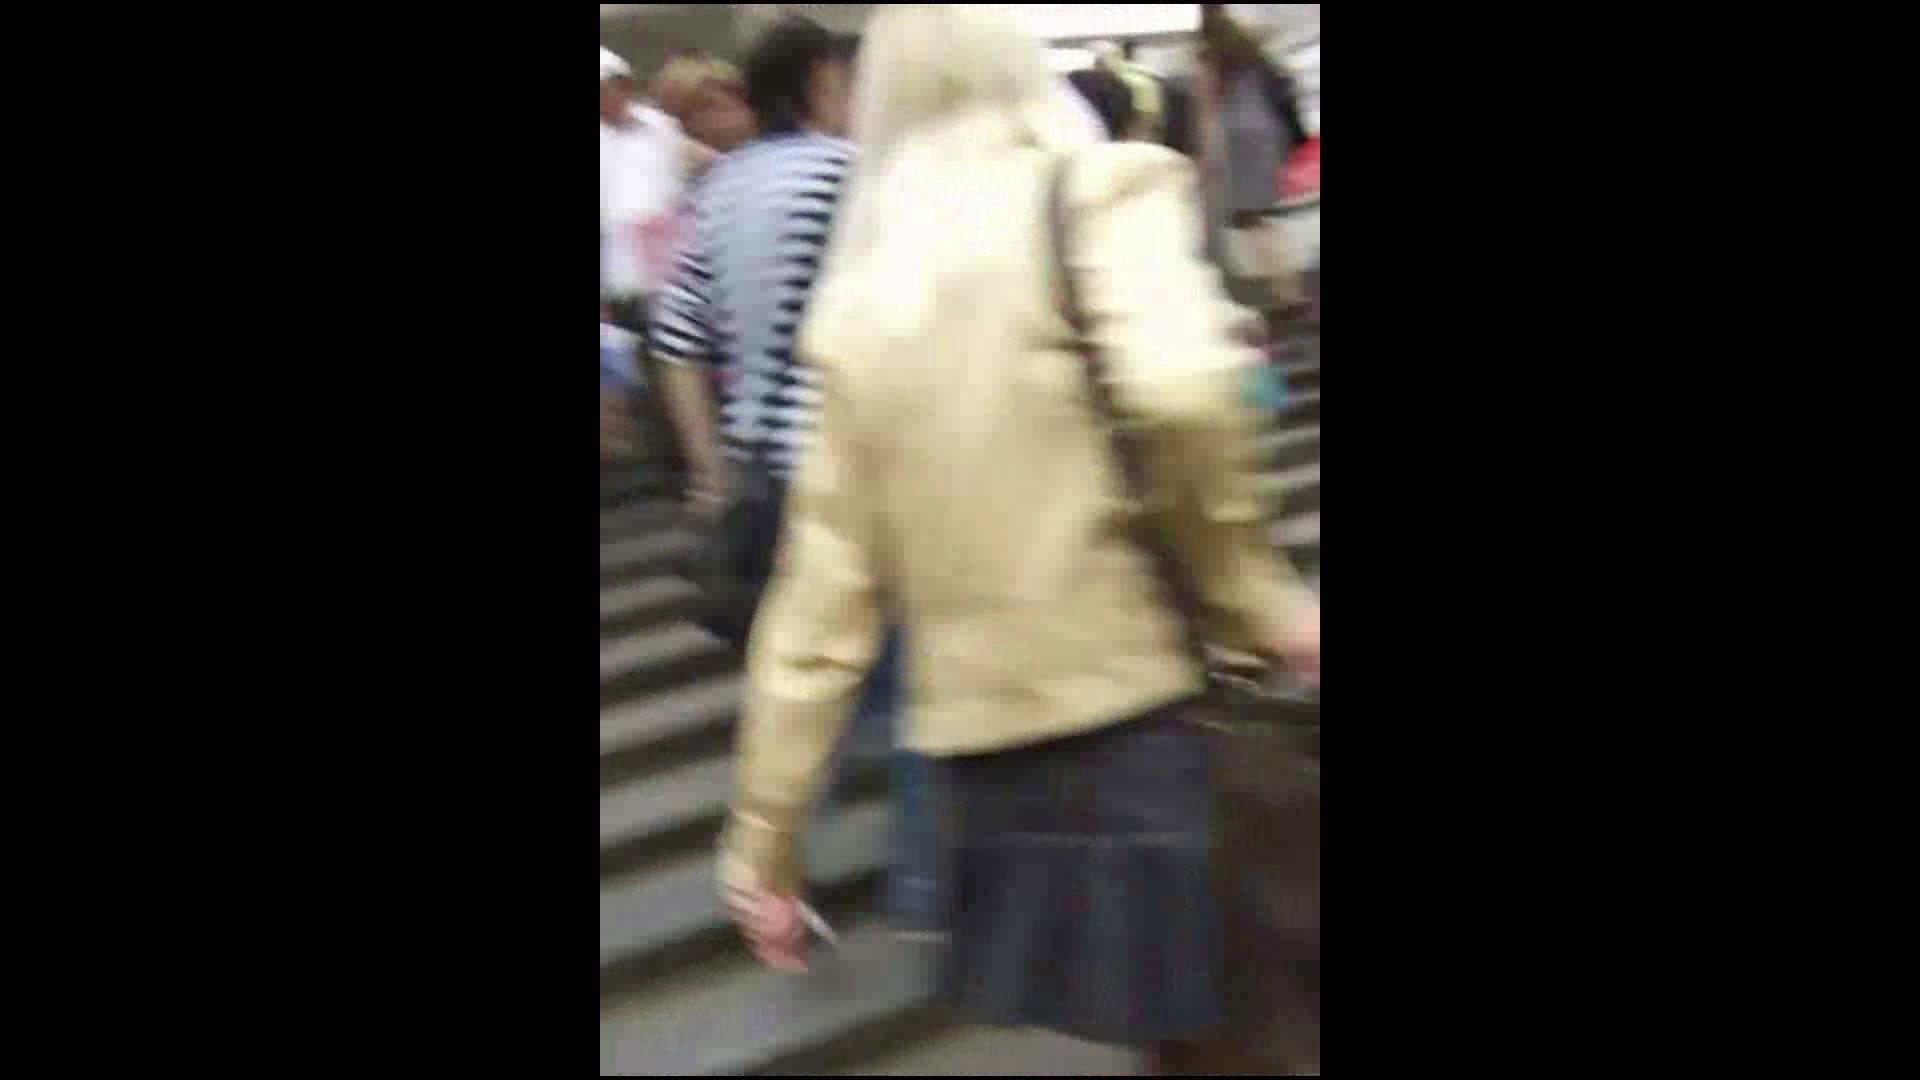 綺麗なモデルさんのスカート捲っちゃおう‼vol06 Hなお姉さん | HなOL  50pic 4